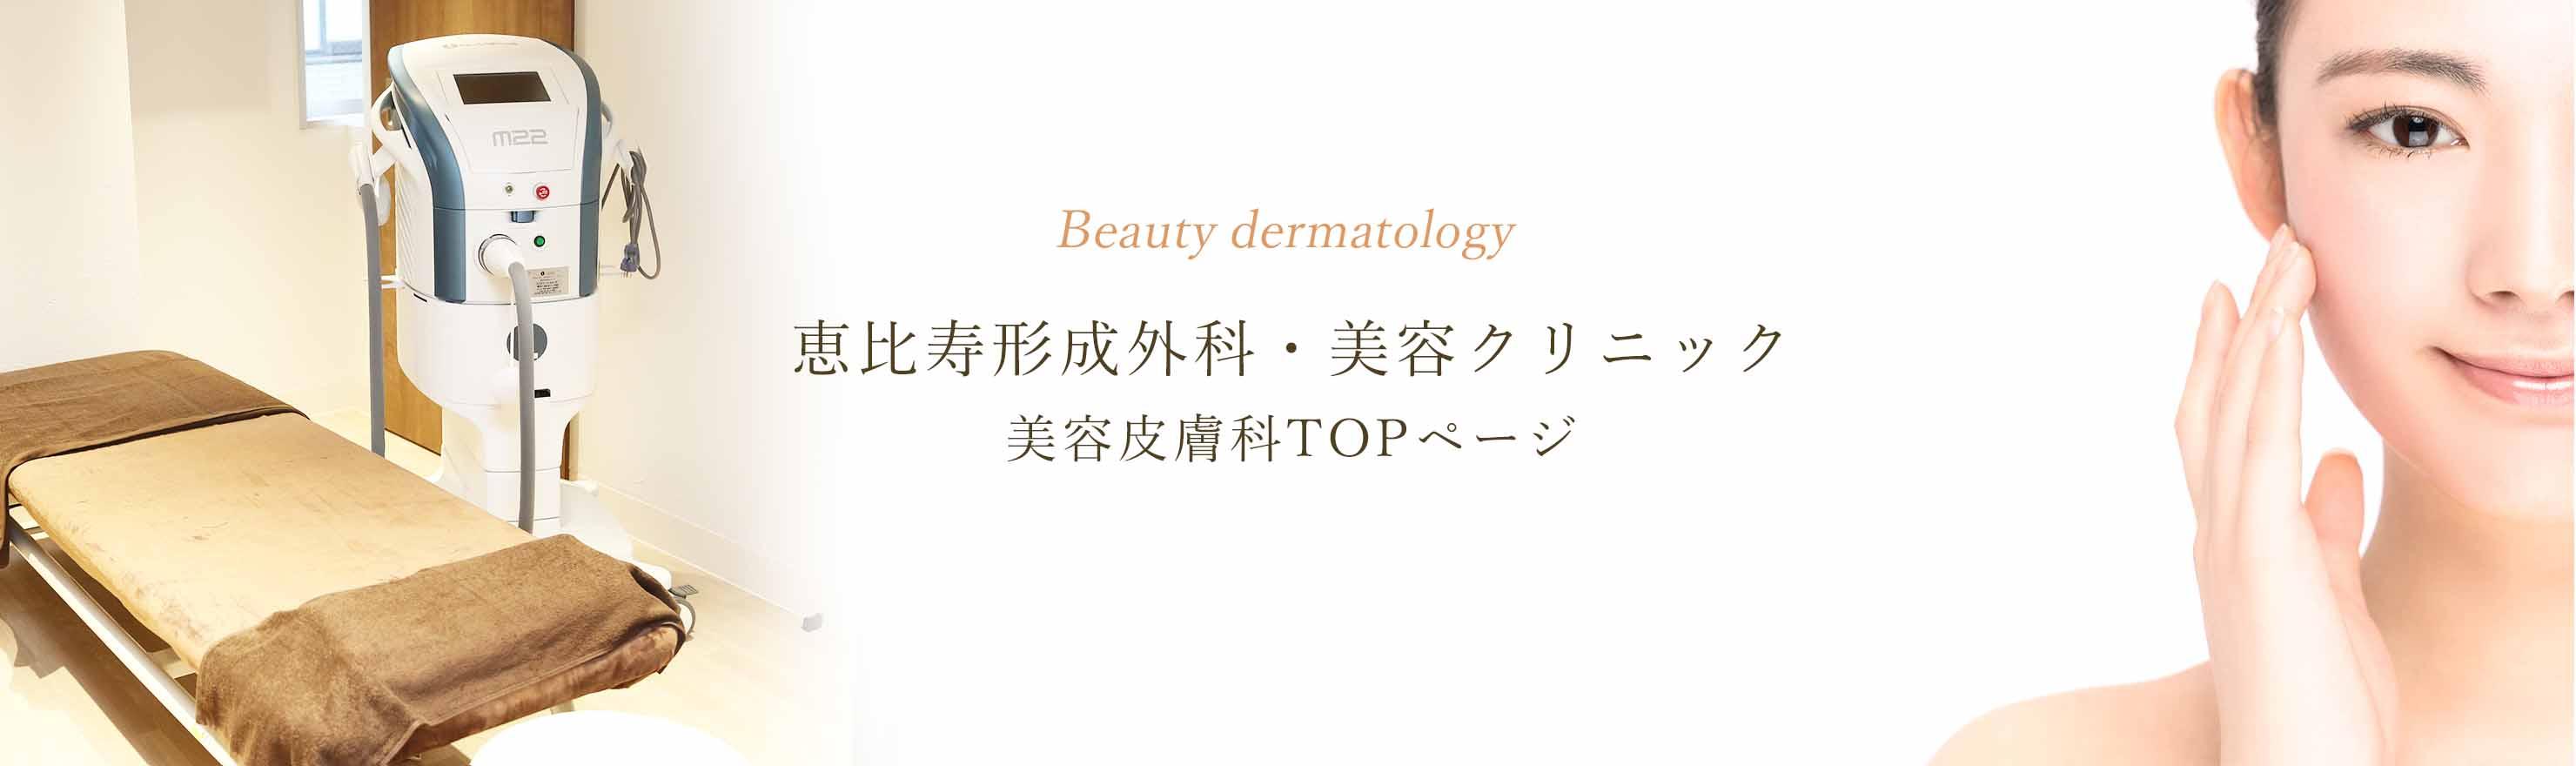 恵比寿形成外科 美容皮膚科TOPページ